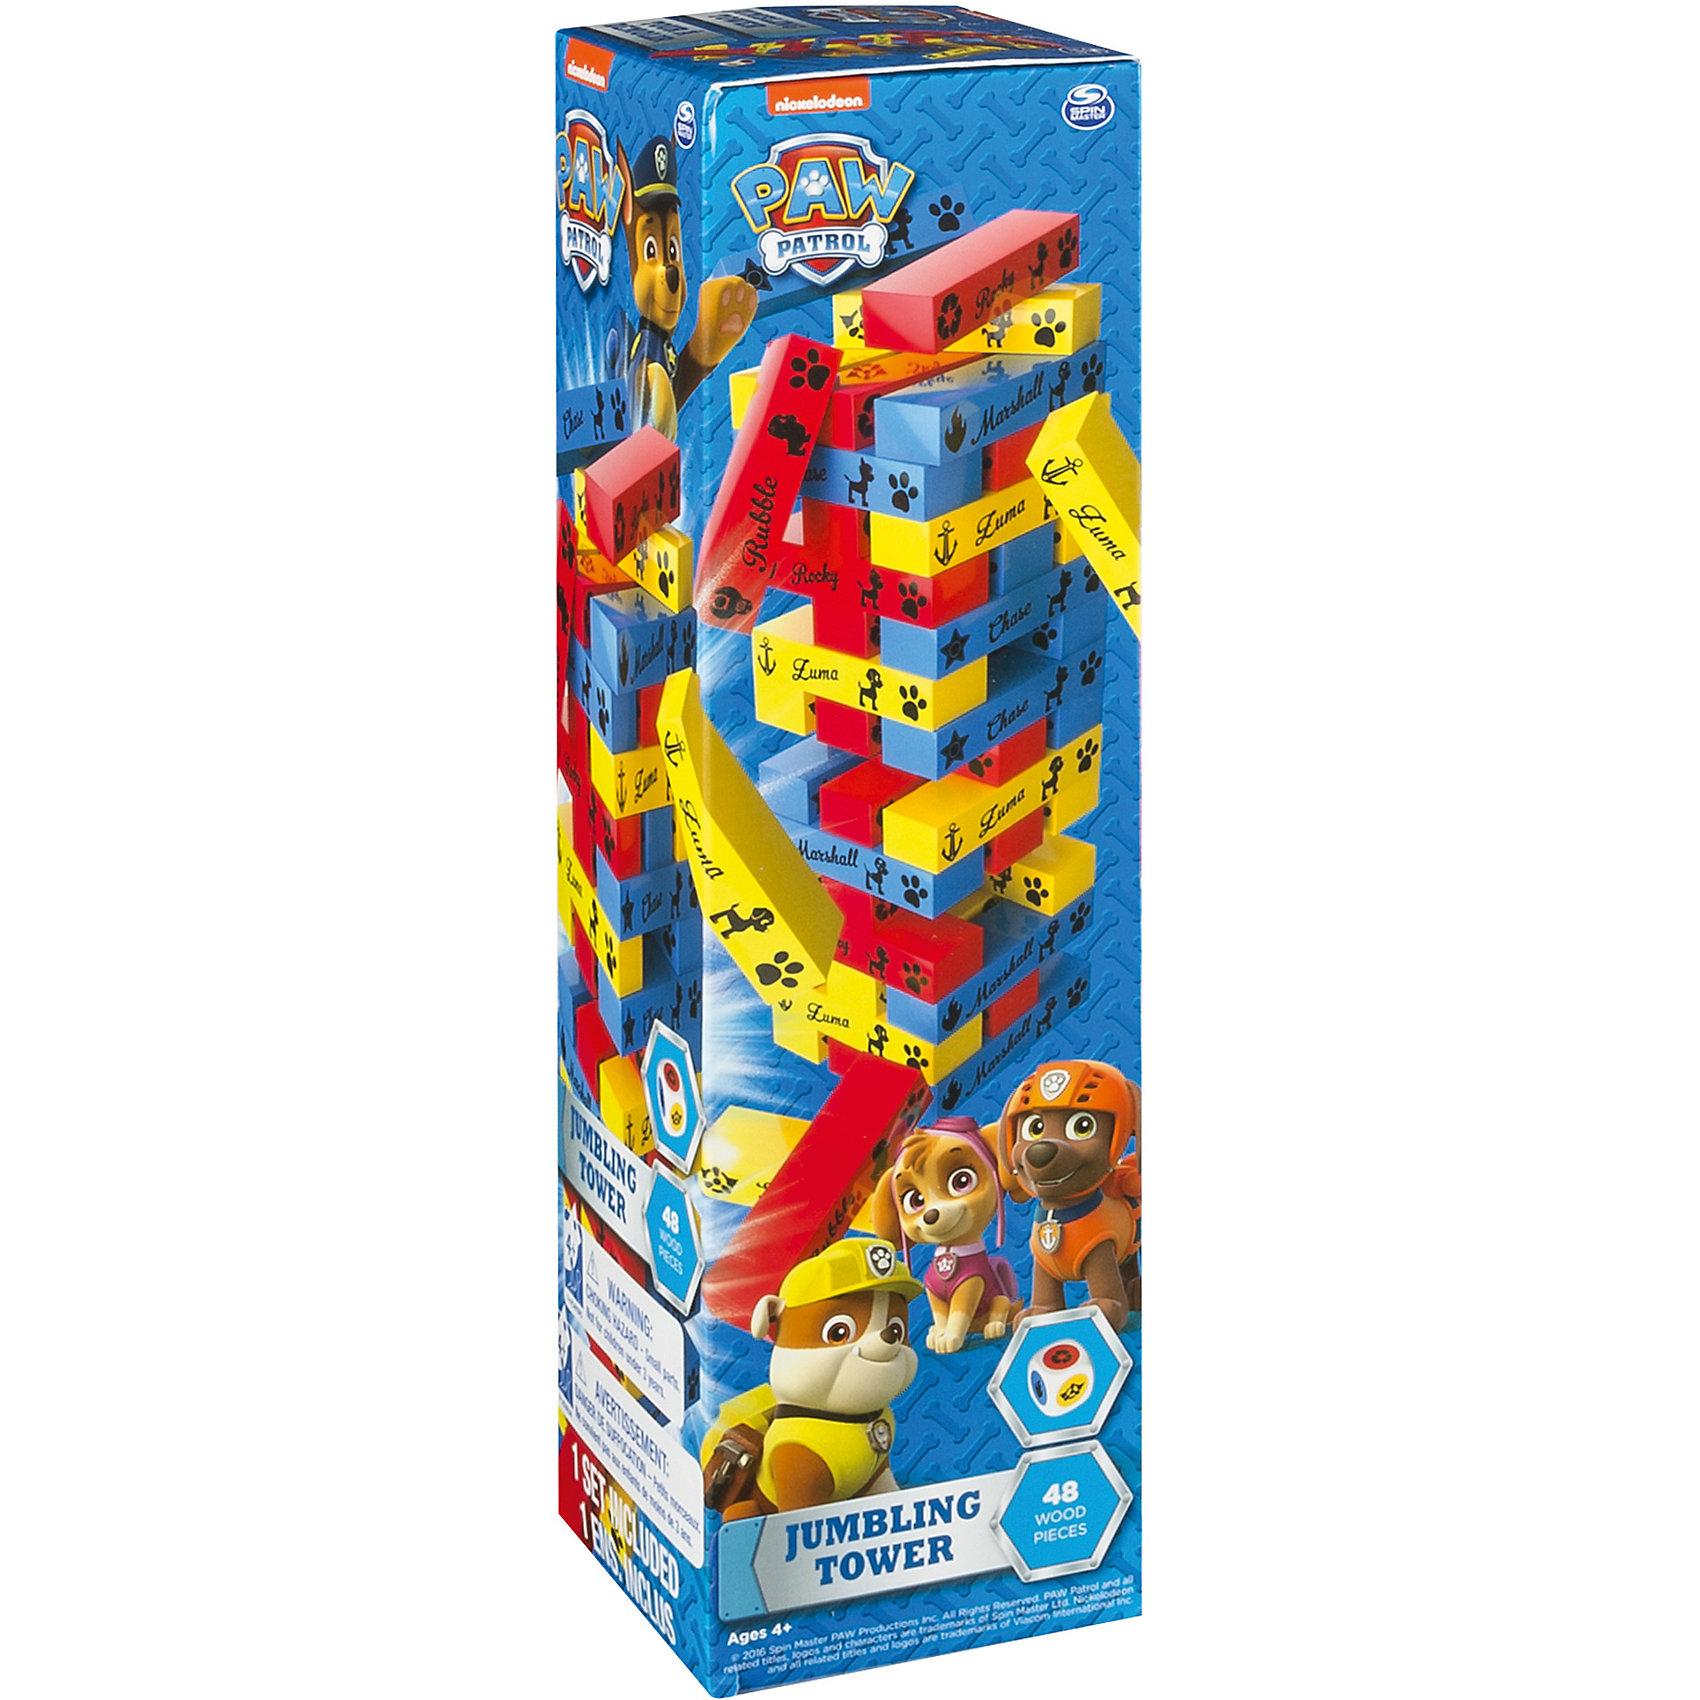 Игра Построй башню, Щенячий Патруль, Spin MasterРазвивающие игры<br>Характеристики:<br><br>• Количество игроков: от 2-х человек<br>• Материал: дерево<br>• Комплектация: 48 цветных брусочков, игральный кубик, инструкция, коробка<br>• Количество вариантов игр: 1<br>• Вес в упаковке: 726 г<br>• Размеры упаковки (Г*Ш*В): 8*28*8 см<br>• Упаковка: картонная коробка <br><br>Игра Построй башню, Щенячий Патруль, Spin Master – это комплект для настольной игры, выполненный по мотивам одноименного мультсериала для детей. Набор включает в себя ц8 деревянных брусочков и кубик с разноцветными гранями. Задача игроков заключается в том, чтобы как можно дольше продержаться в игре, не разрушив при вынимании брусочек. Очередность хода игрока определяется путем бросания кубика: какой цвет выпадет – тому игроку и ходить.<br> <br>Игру Построй башню, Щенячий Патруль, Spin Master можно купить в нашем интернет-магазине.<br><br>Ширина мм: 80<br>Глубина мм: 280<br>Высота мм: 80<br>Вес г: 726<br>Возраст от месяцев: 48<br>Возраст до месяцев: 2147483647<br>Пол: Унисекс<br>Возраст: Детский<br>SKU: 5493555